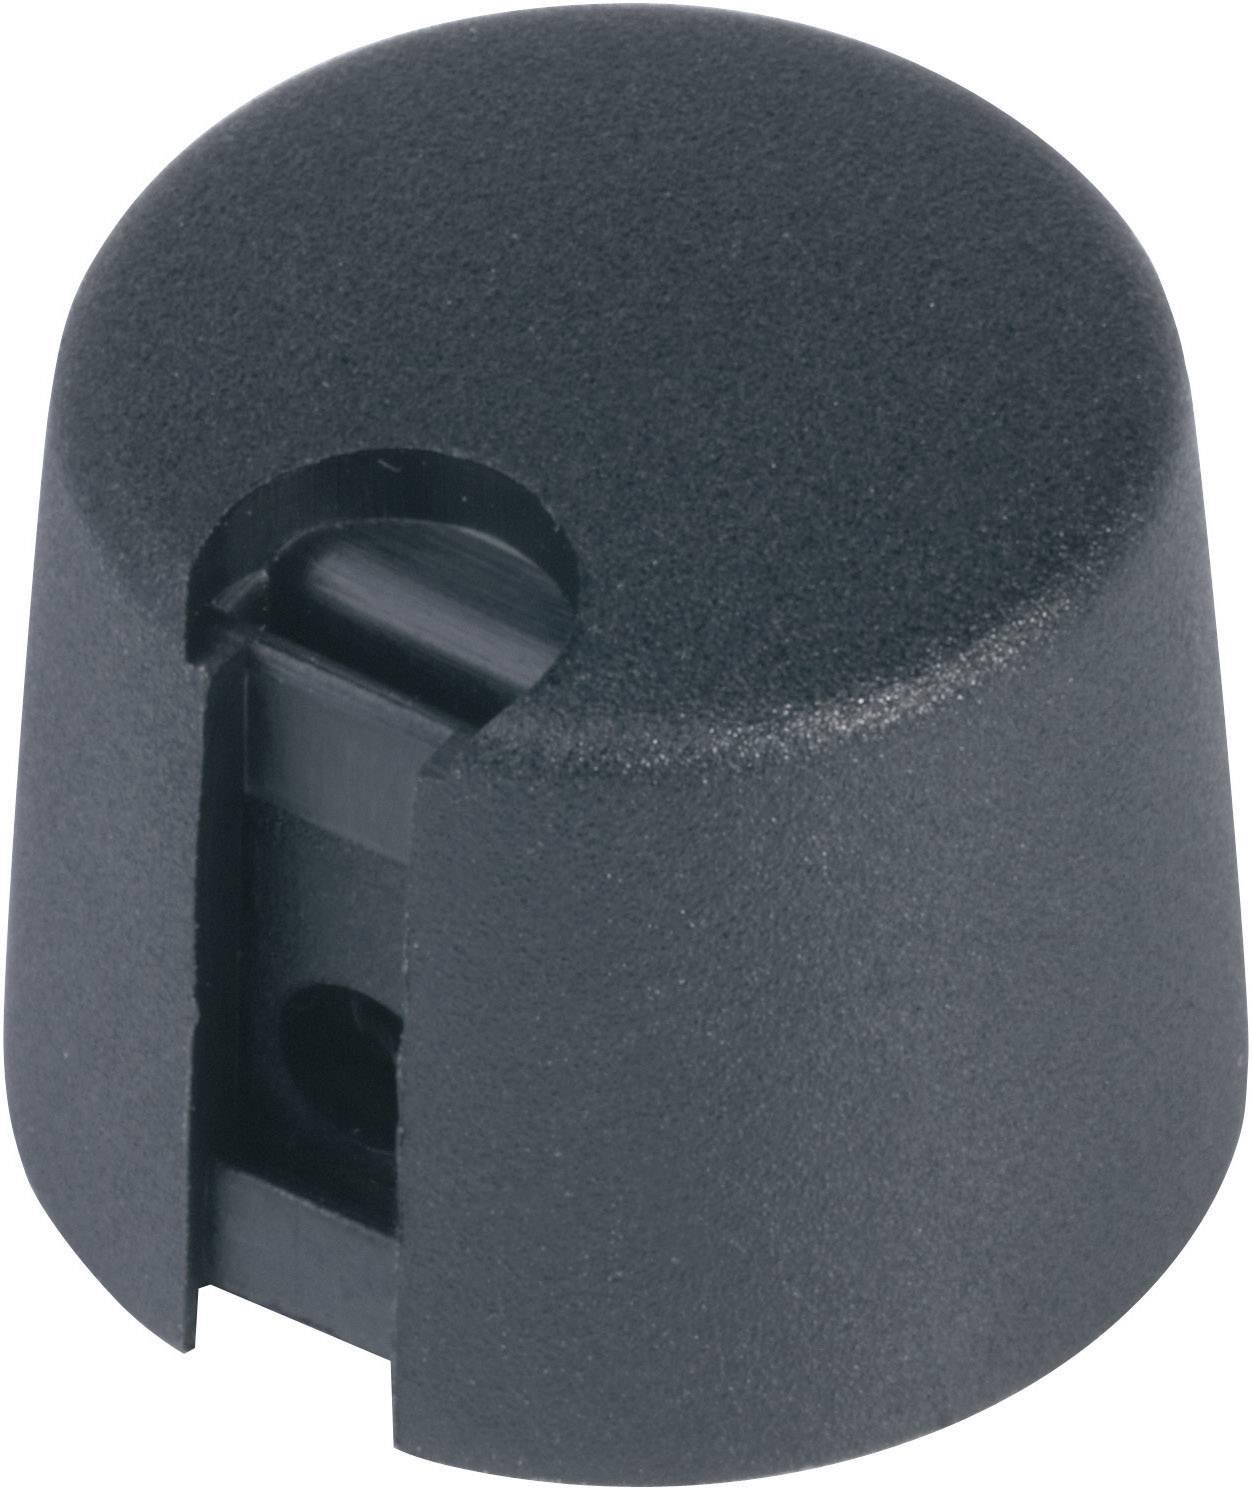 Ovládací knoflík OKW, Ø 31 mm x V 16 mm, 6 mm, černá